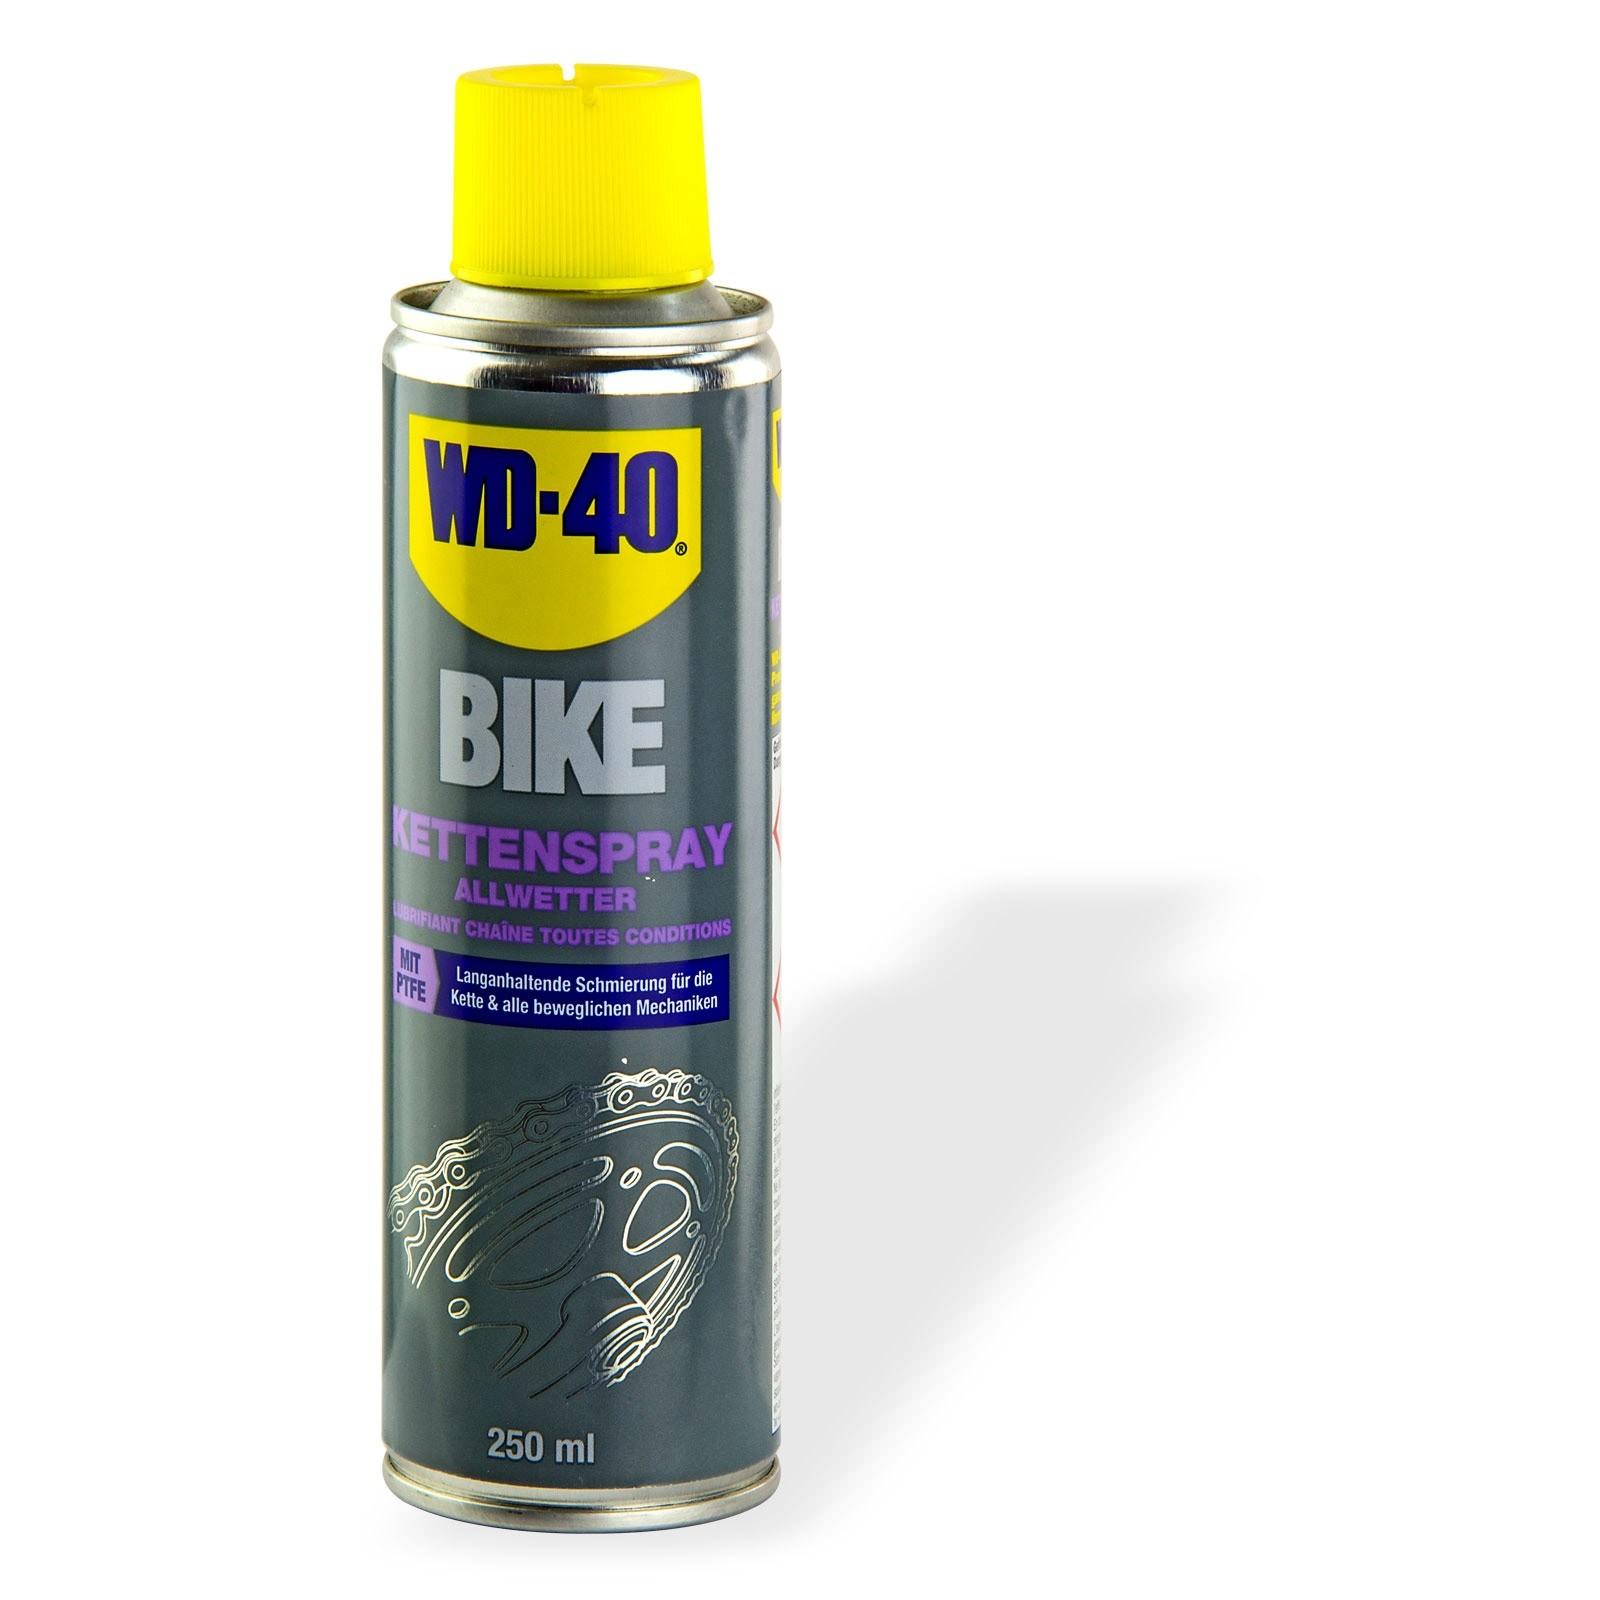 WD 40 WD-40 Bike Fahrrad Kettenspray / Allwetter 250ml 21169